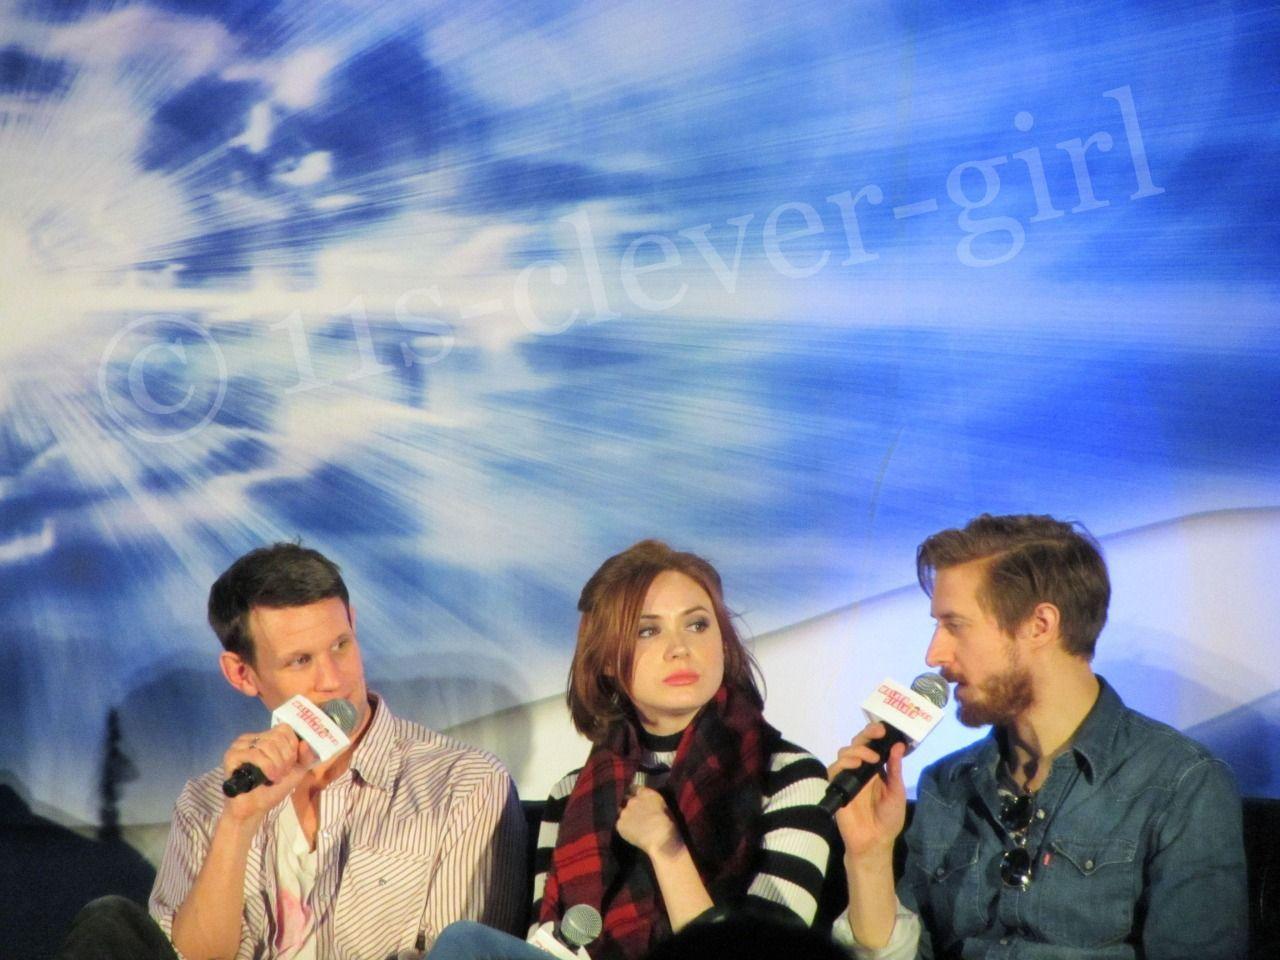 Matt, Karen and Arthur 31/01/15